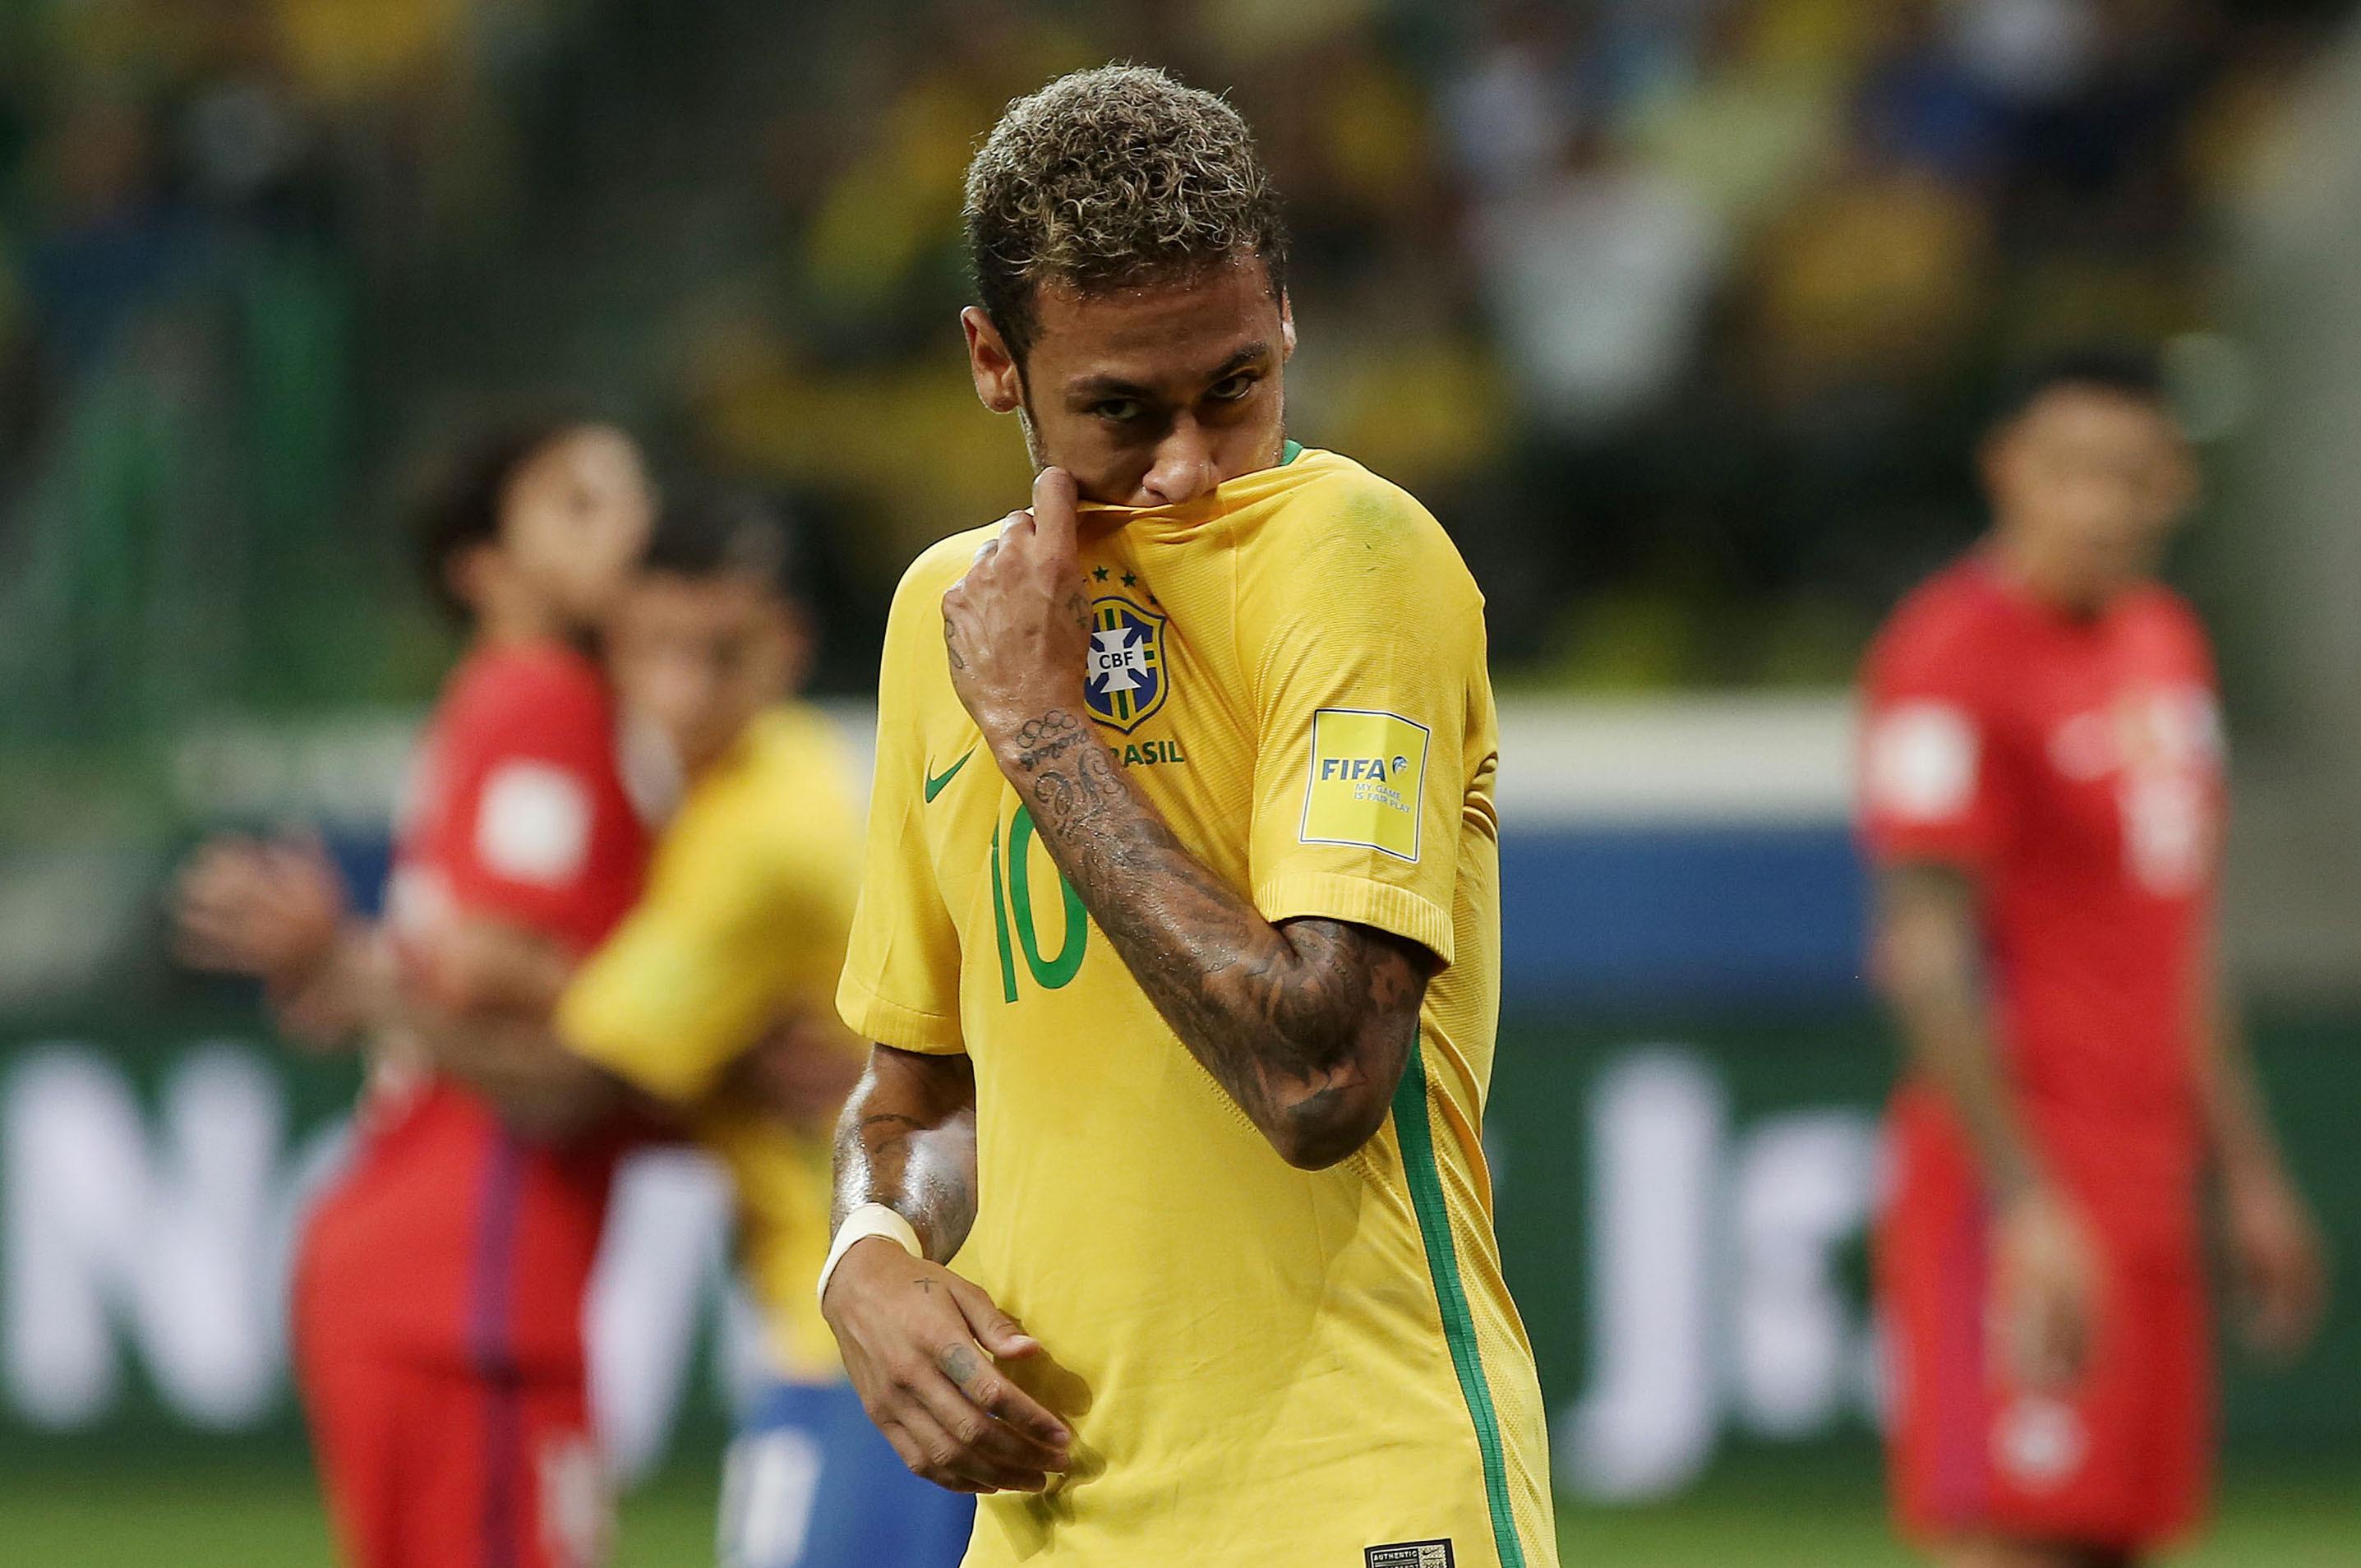 Most Inspiring Brazil World Cup 2018 - 8e1de9e45a03f6b9789b370a7c0c6358  Photograph_655875 .jpg